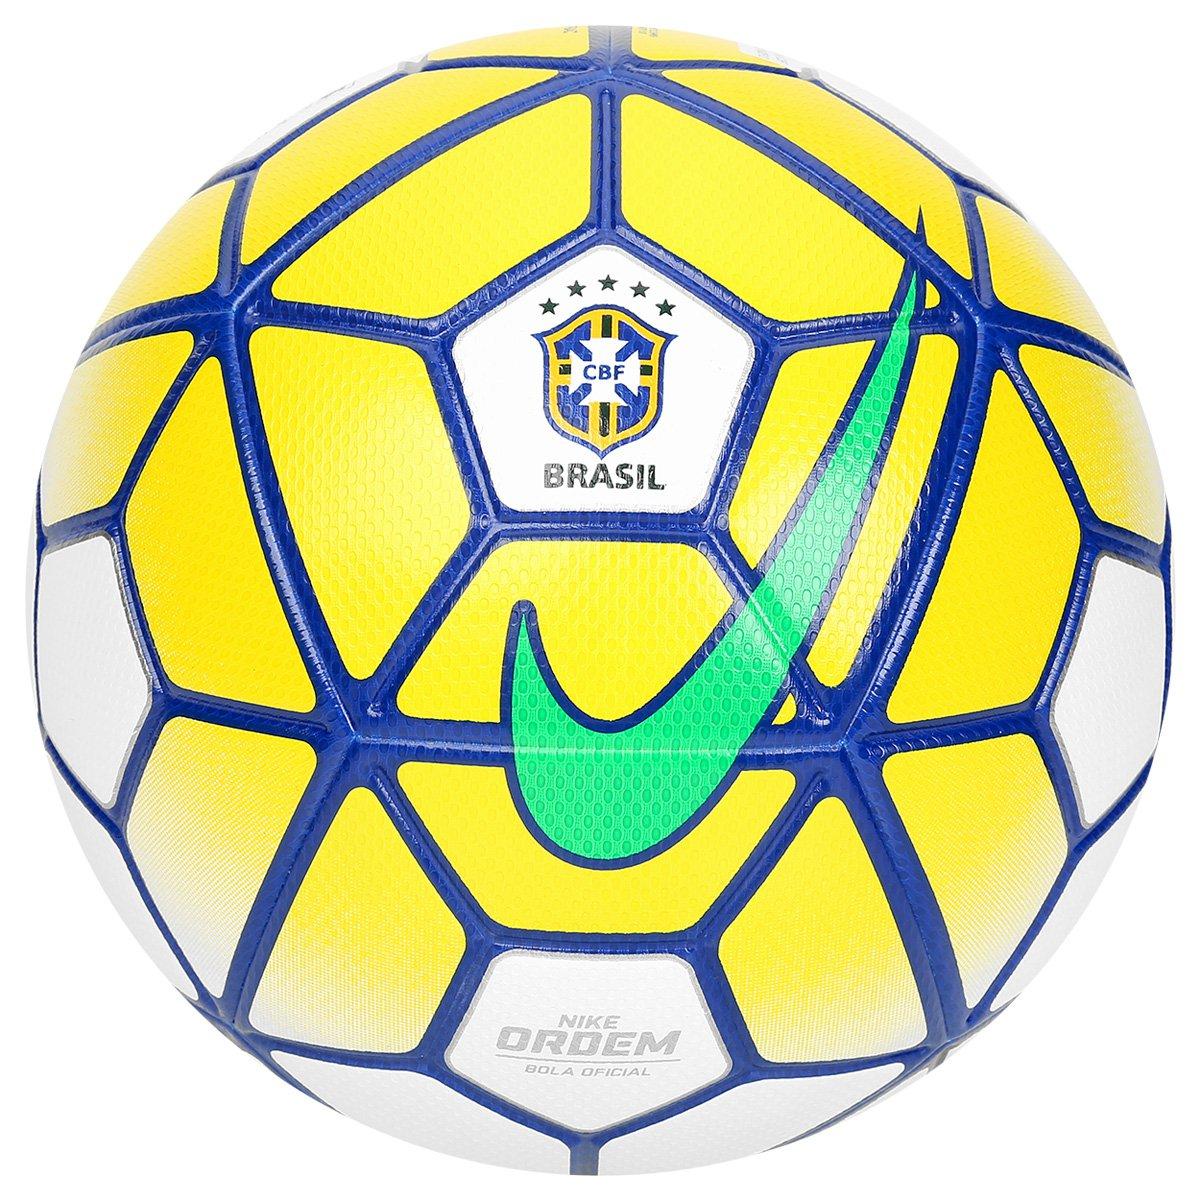 Bola Futebol Campo Nike Ordem 3 CBF - Compre Agora  681d3f005a158